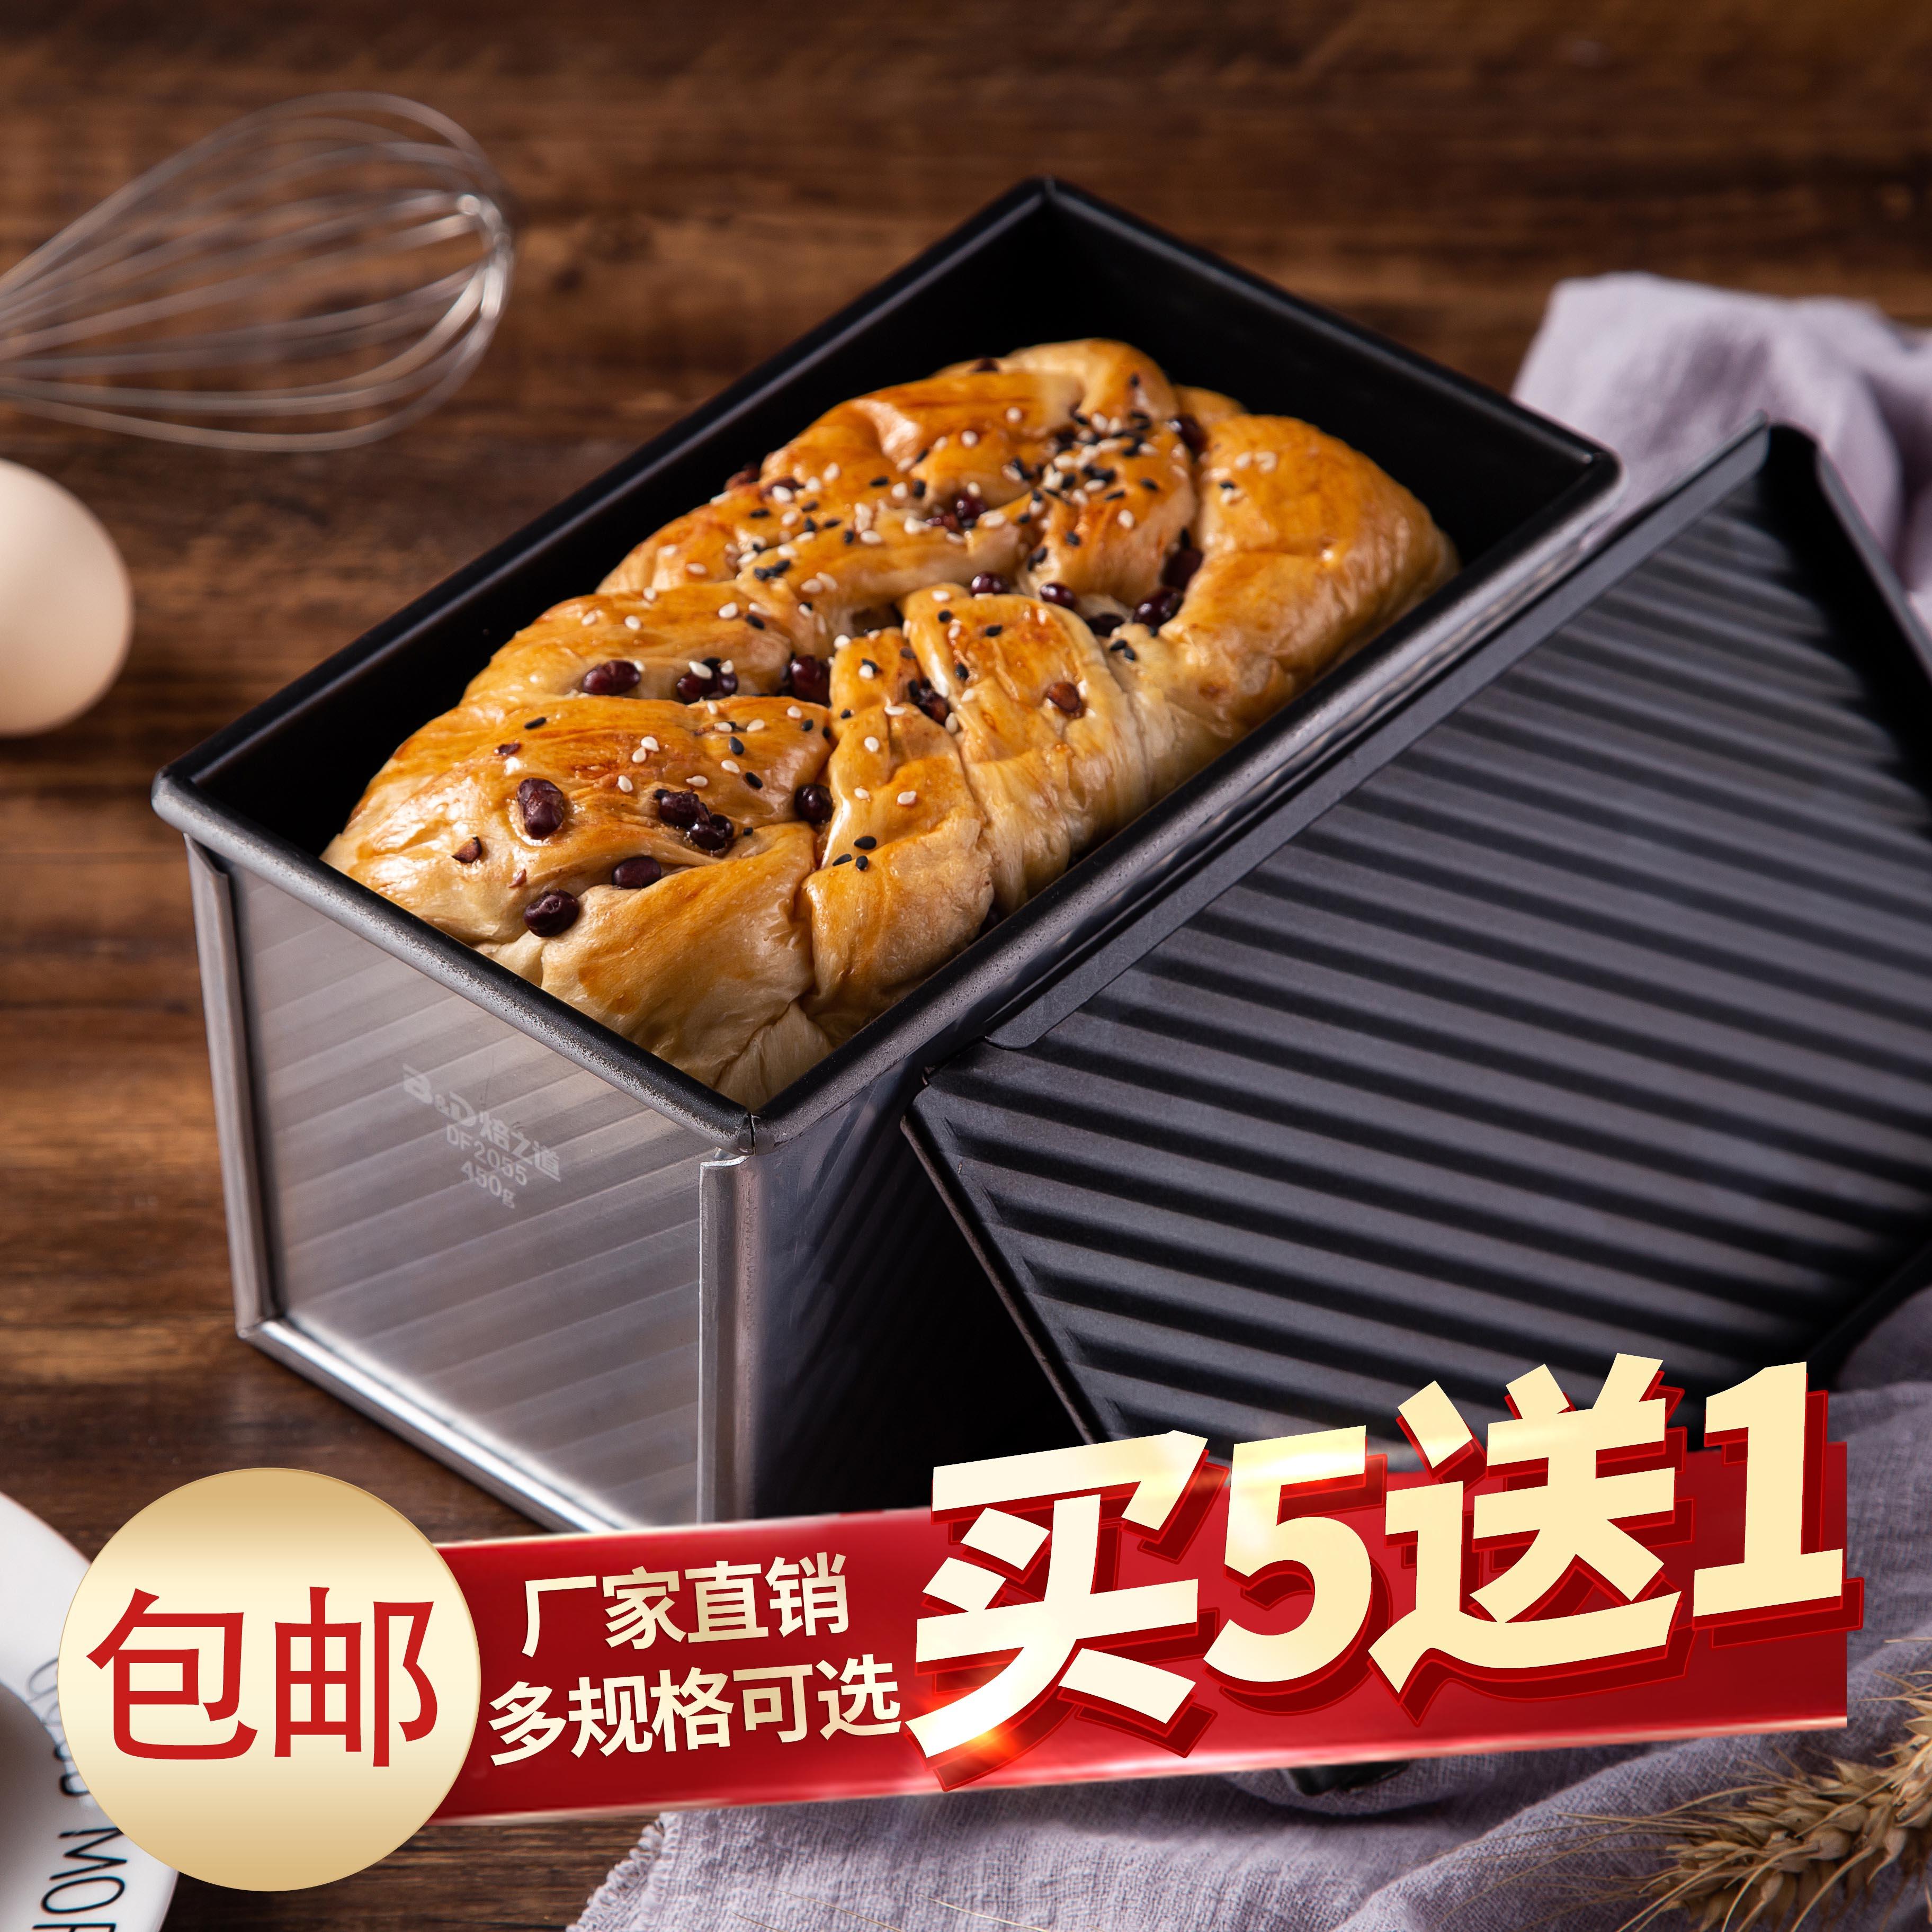 焙之道450克吐司模具盒带盖波纹不沾家用烘焙面包蛋糕长方形包邮